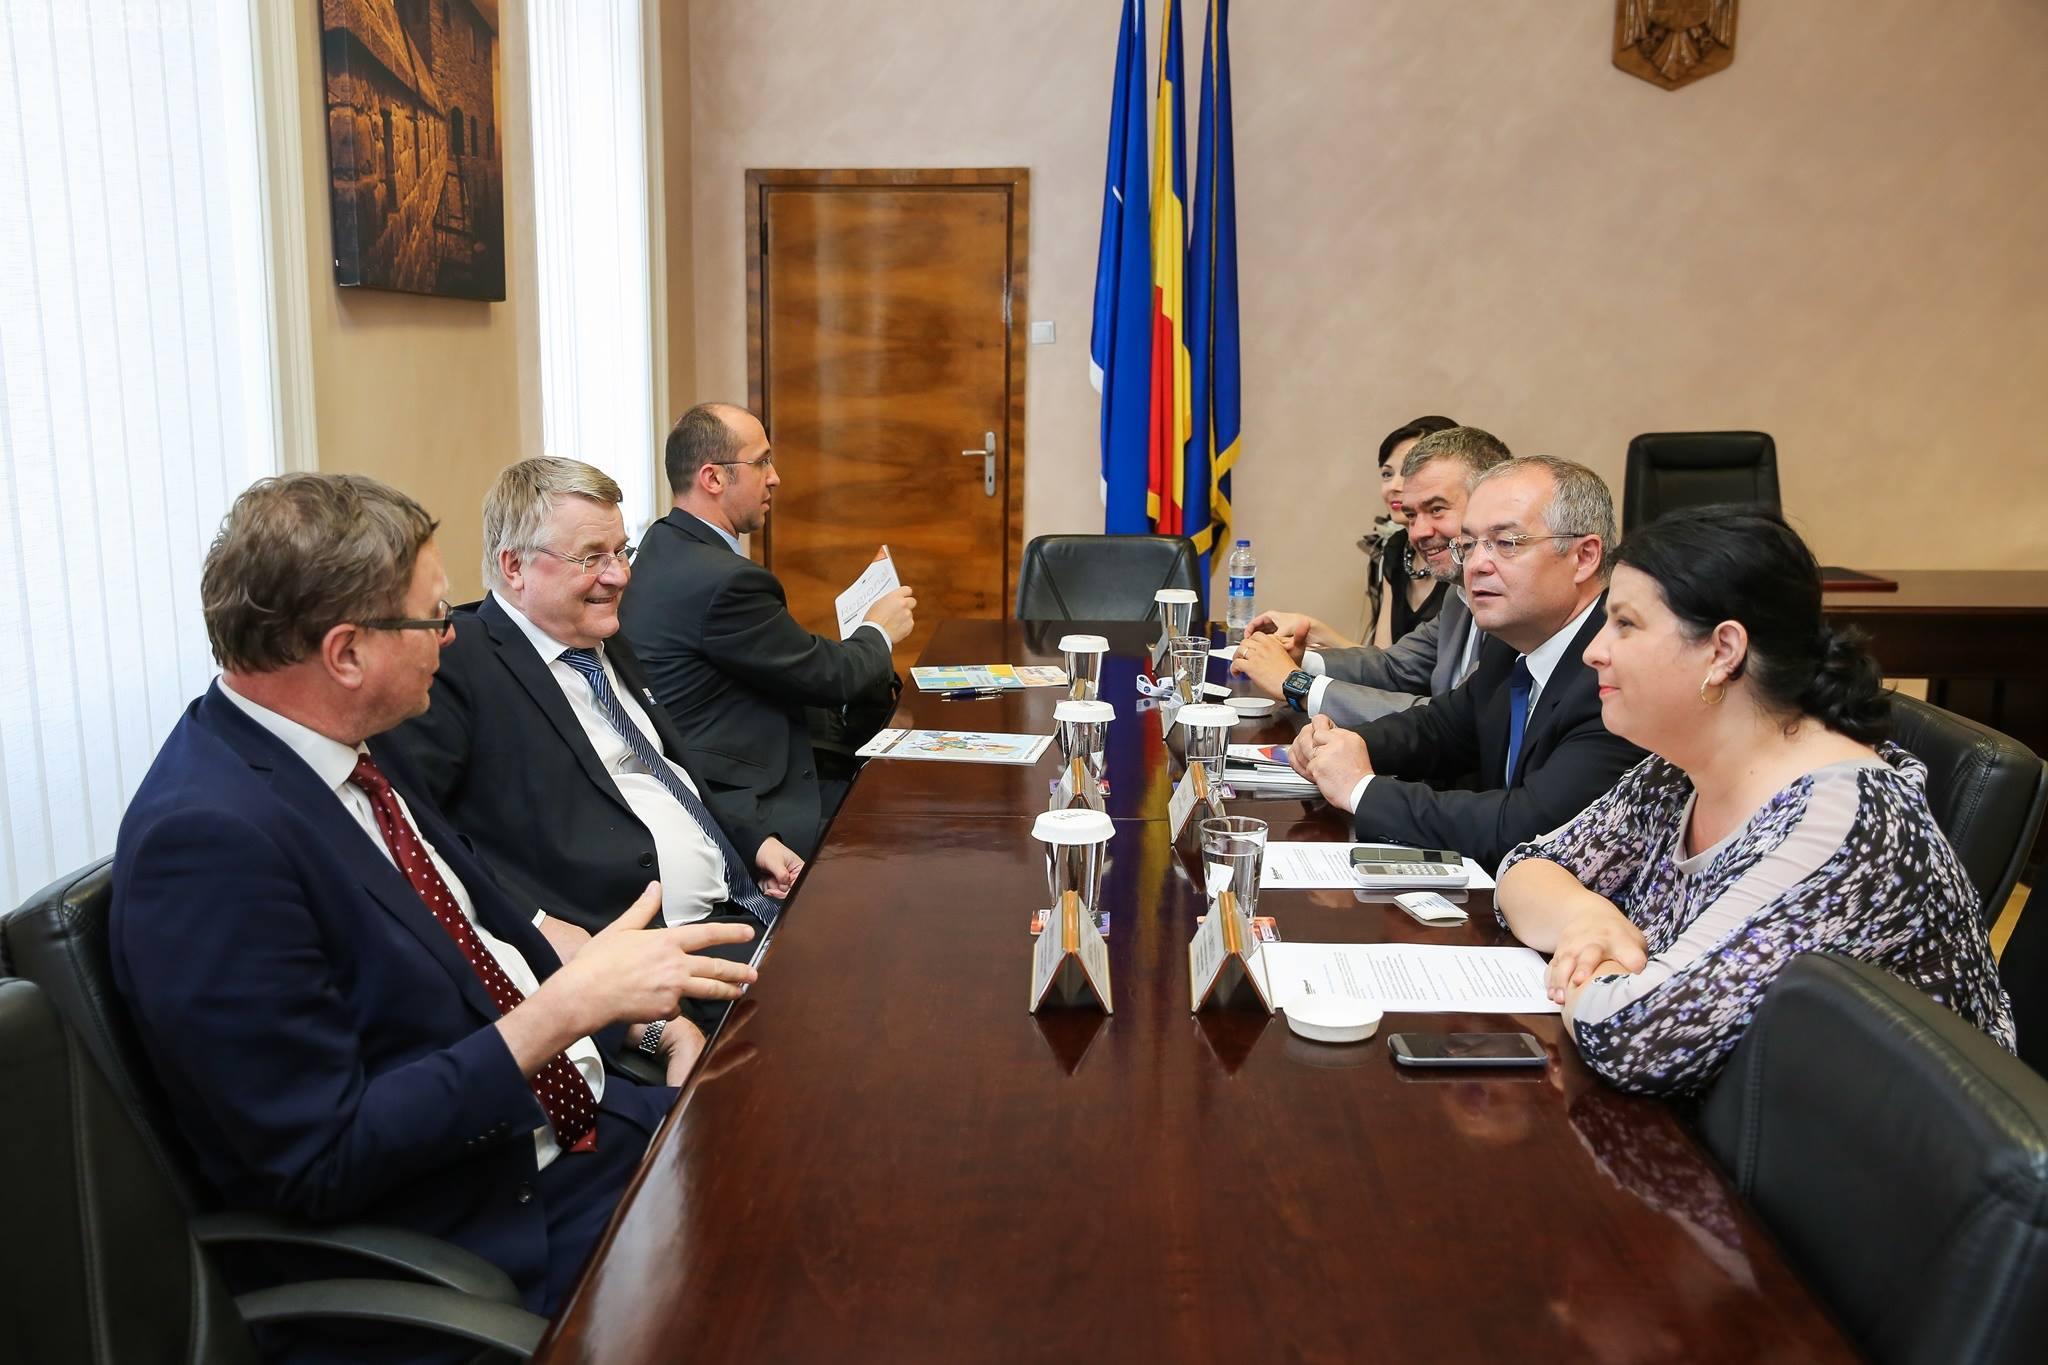 Boc l-a primit pe președintele Comitetului European al Regiunilor, Markku Markkula